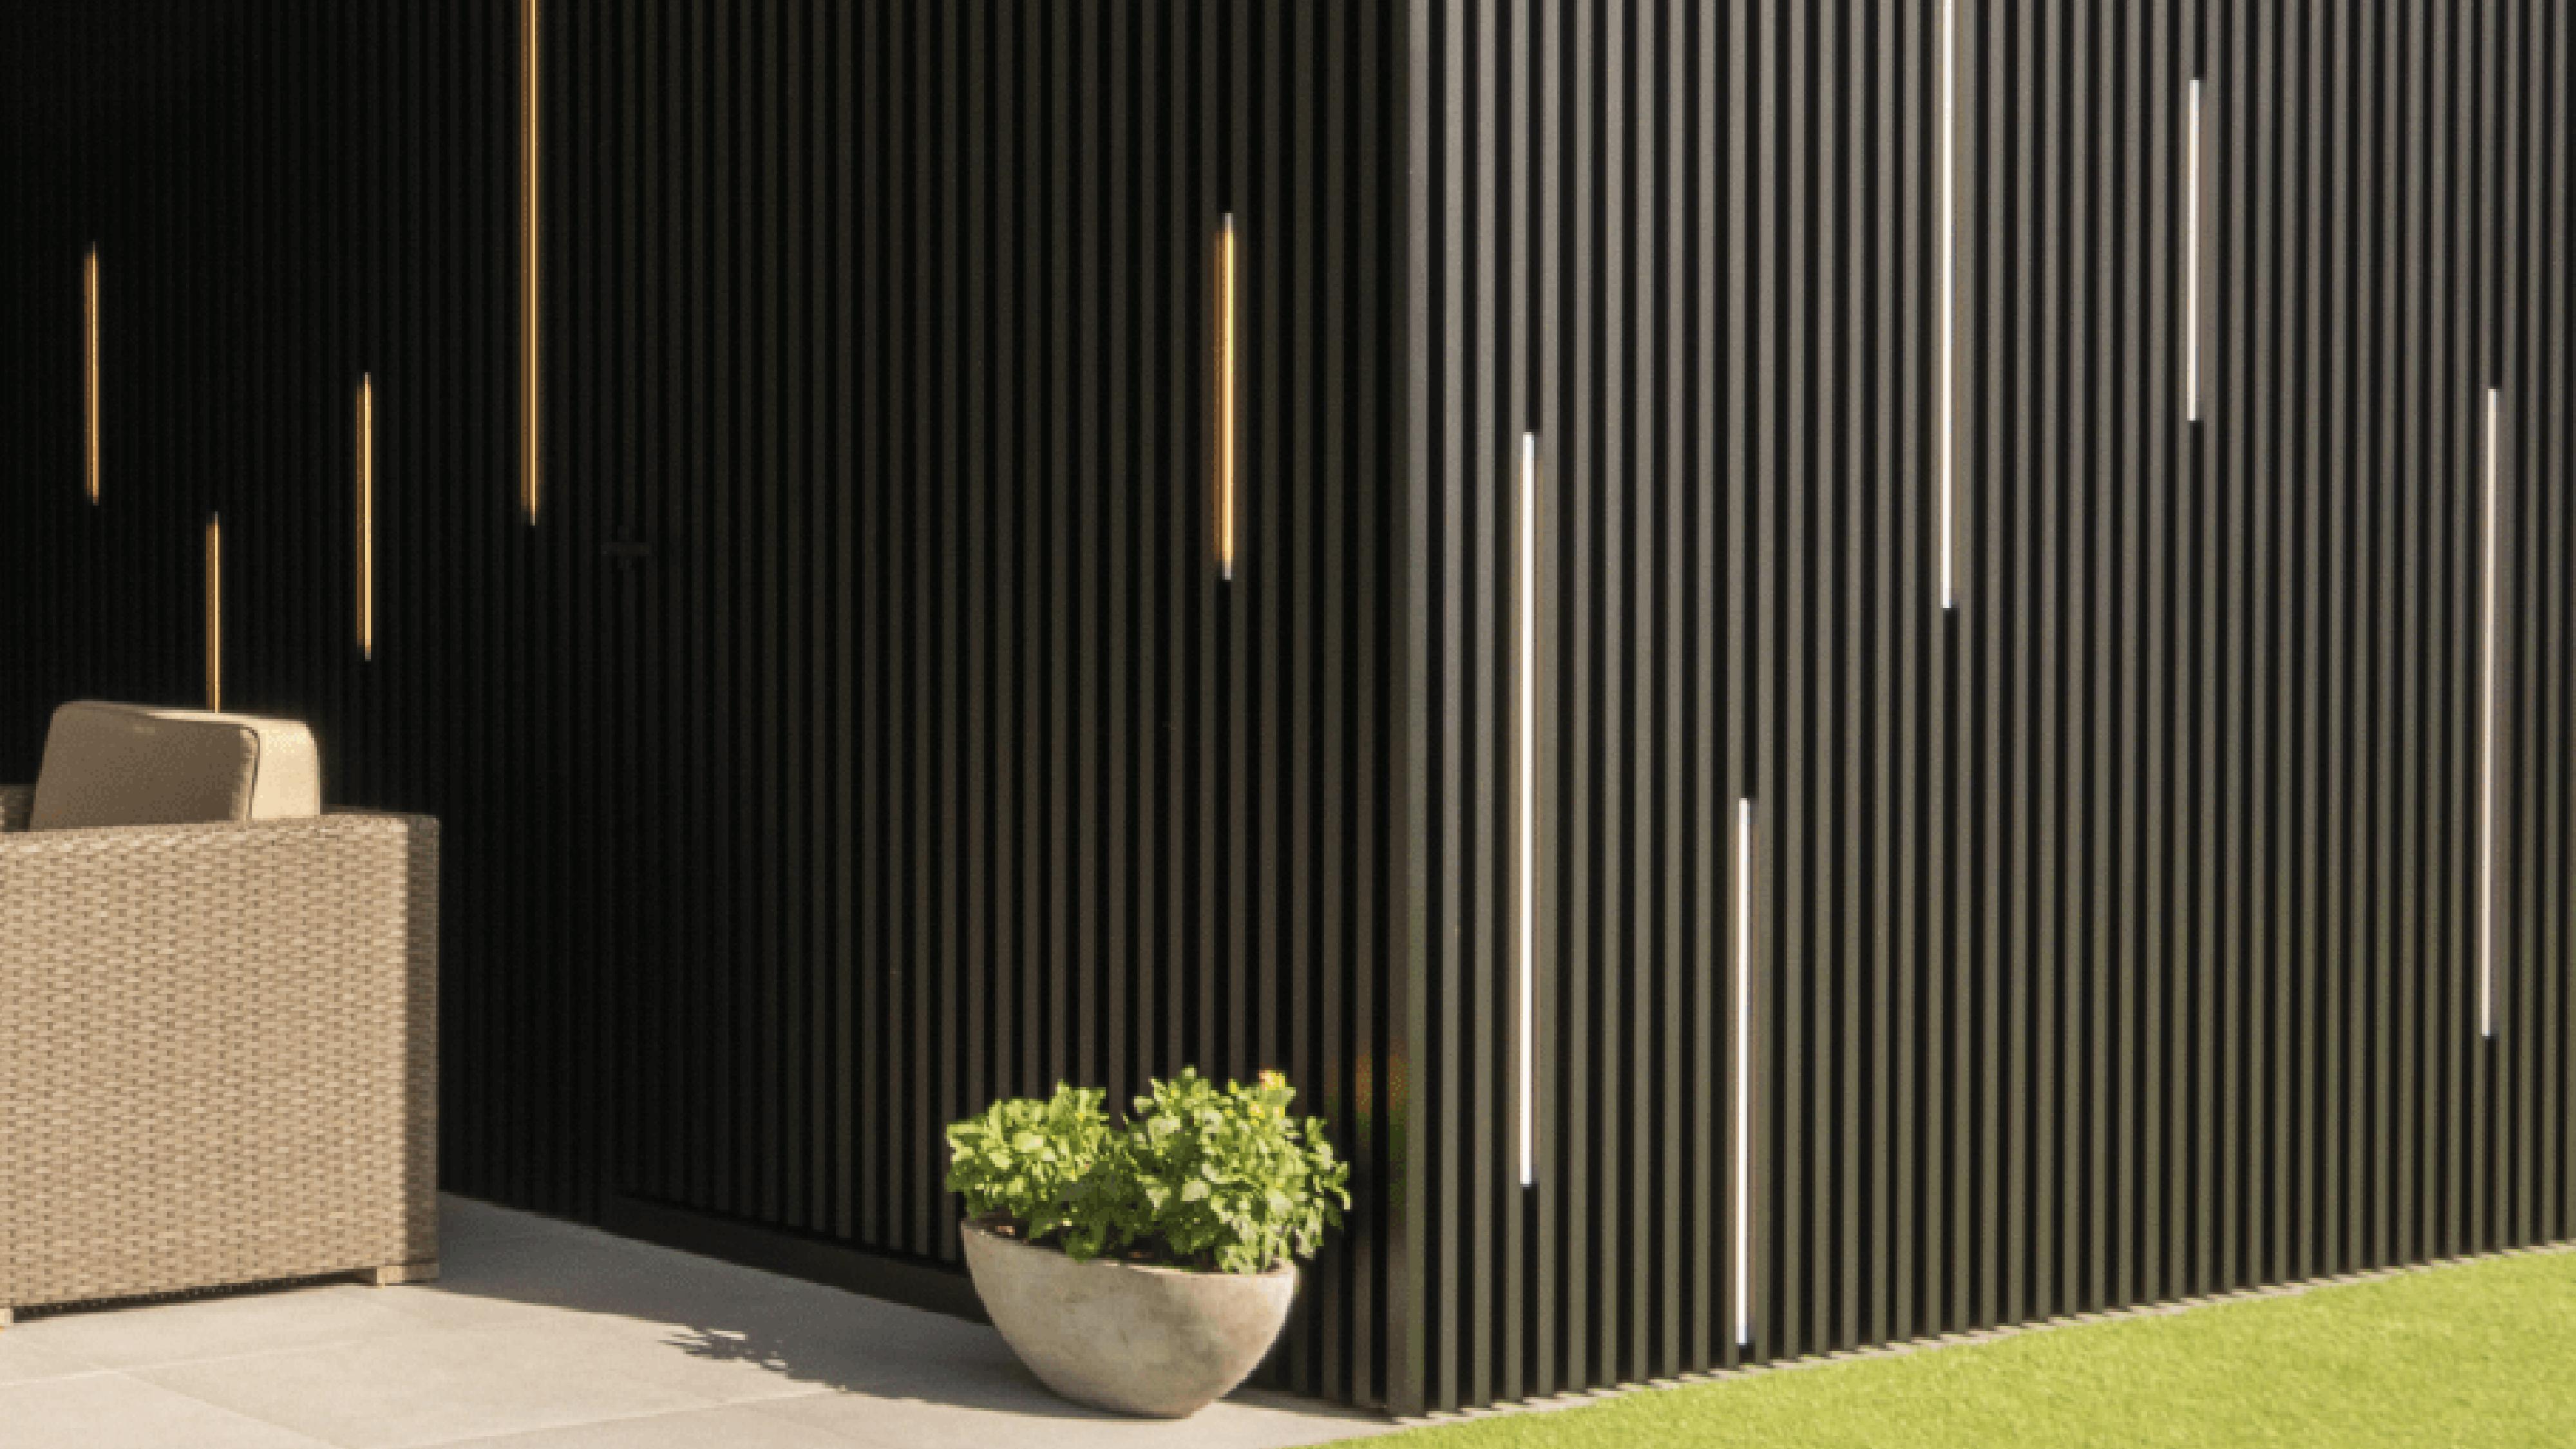 Alu-Wall Linarte Renson met verlichting